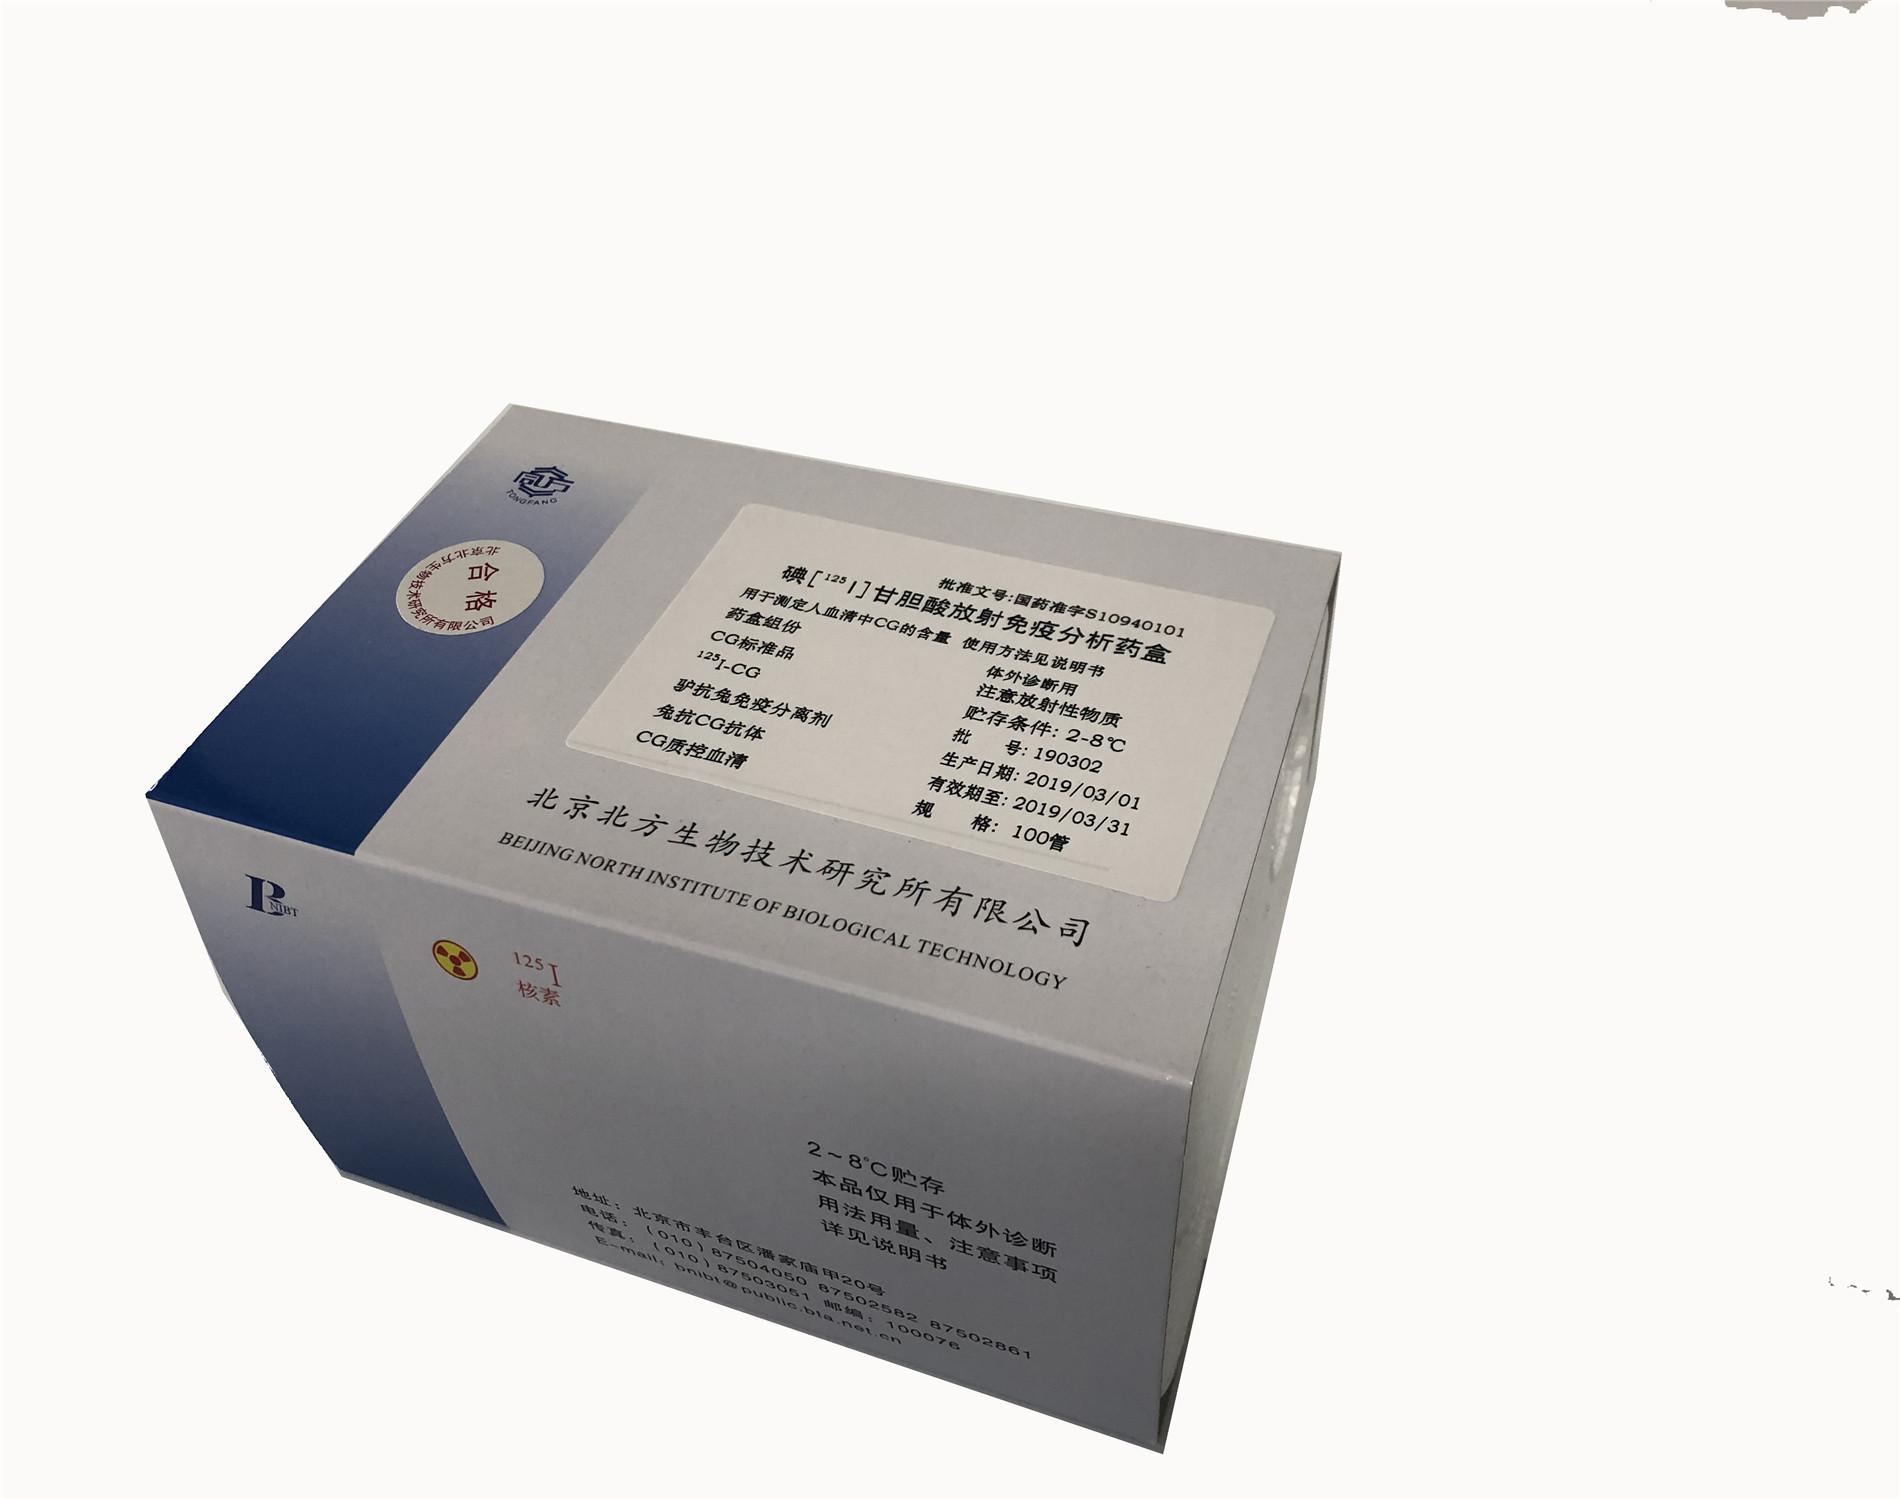 碘[125I]甘胆酸放射免疫分析药盒